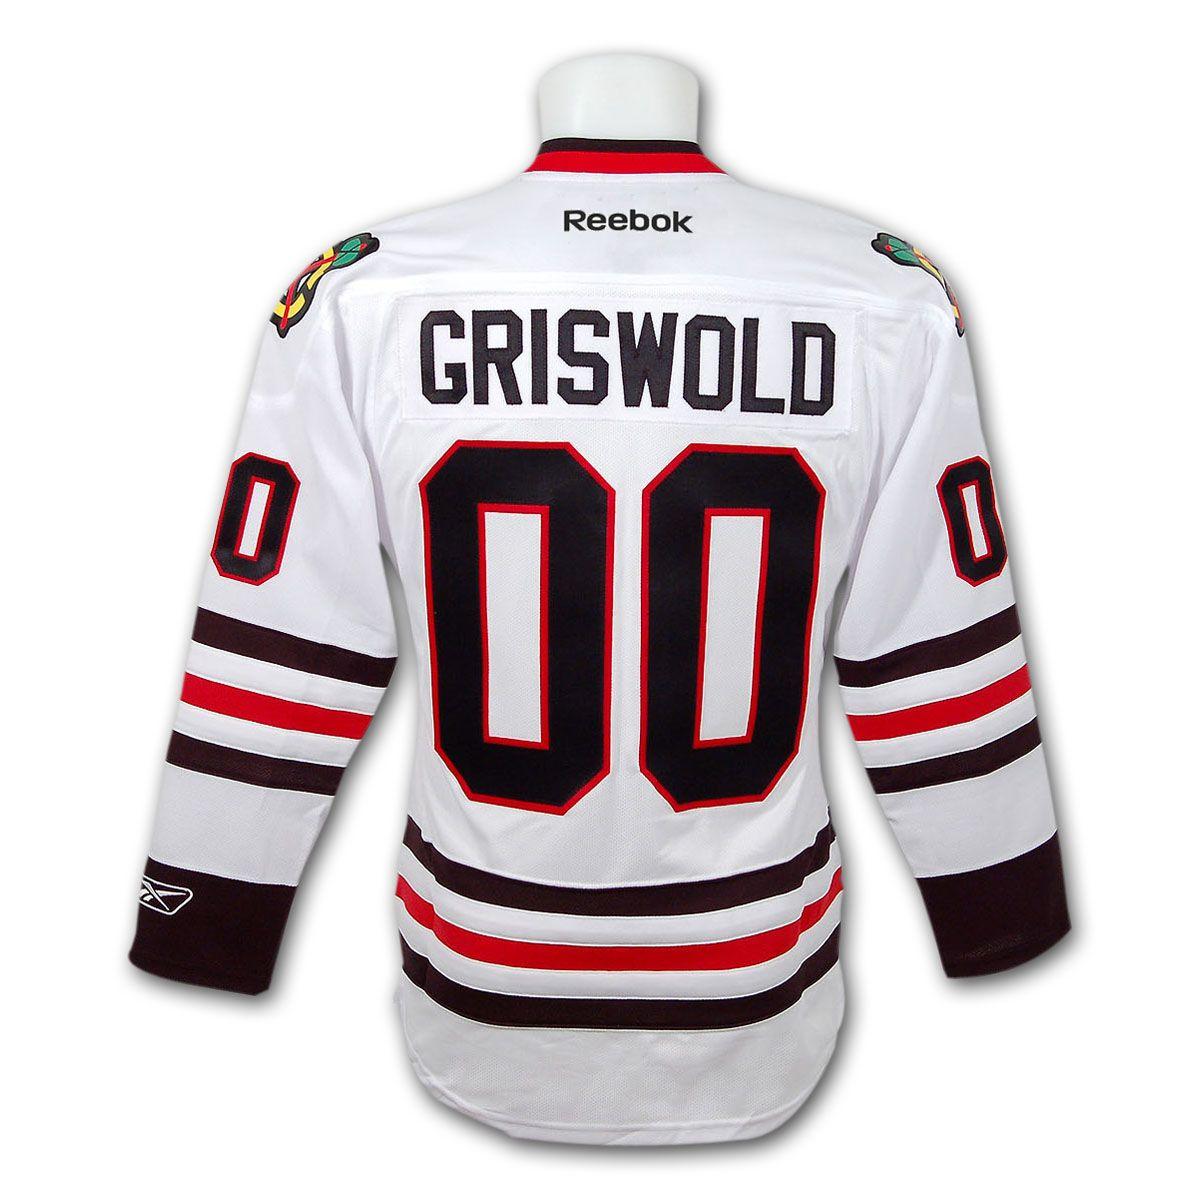 newest 735f1 de2c1 Clark Griswold Christmas Vacation Blackhawks Premier Replica ...